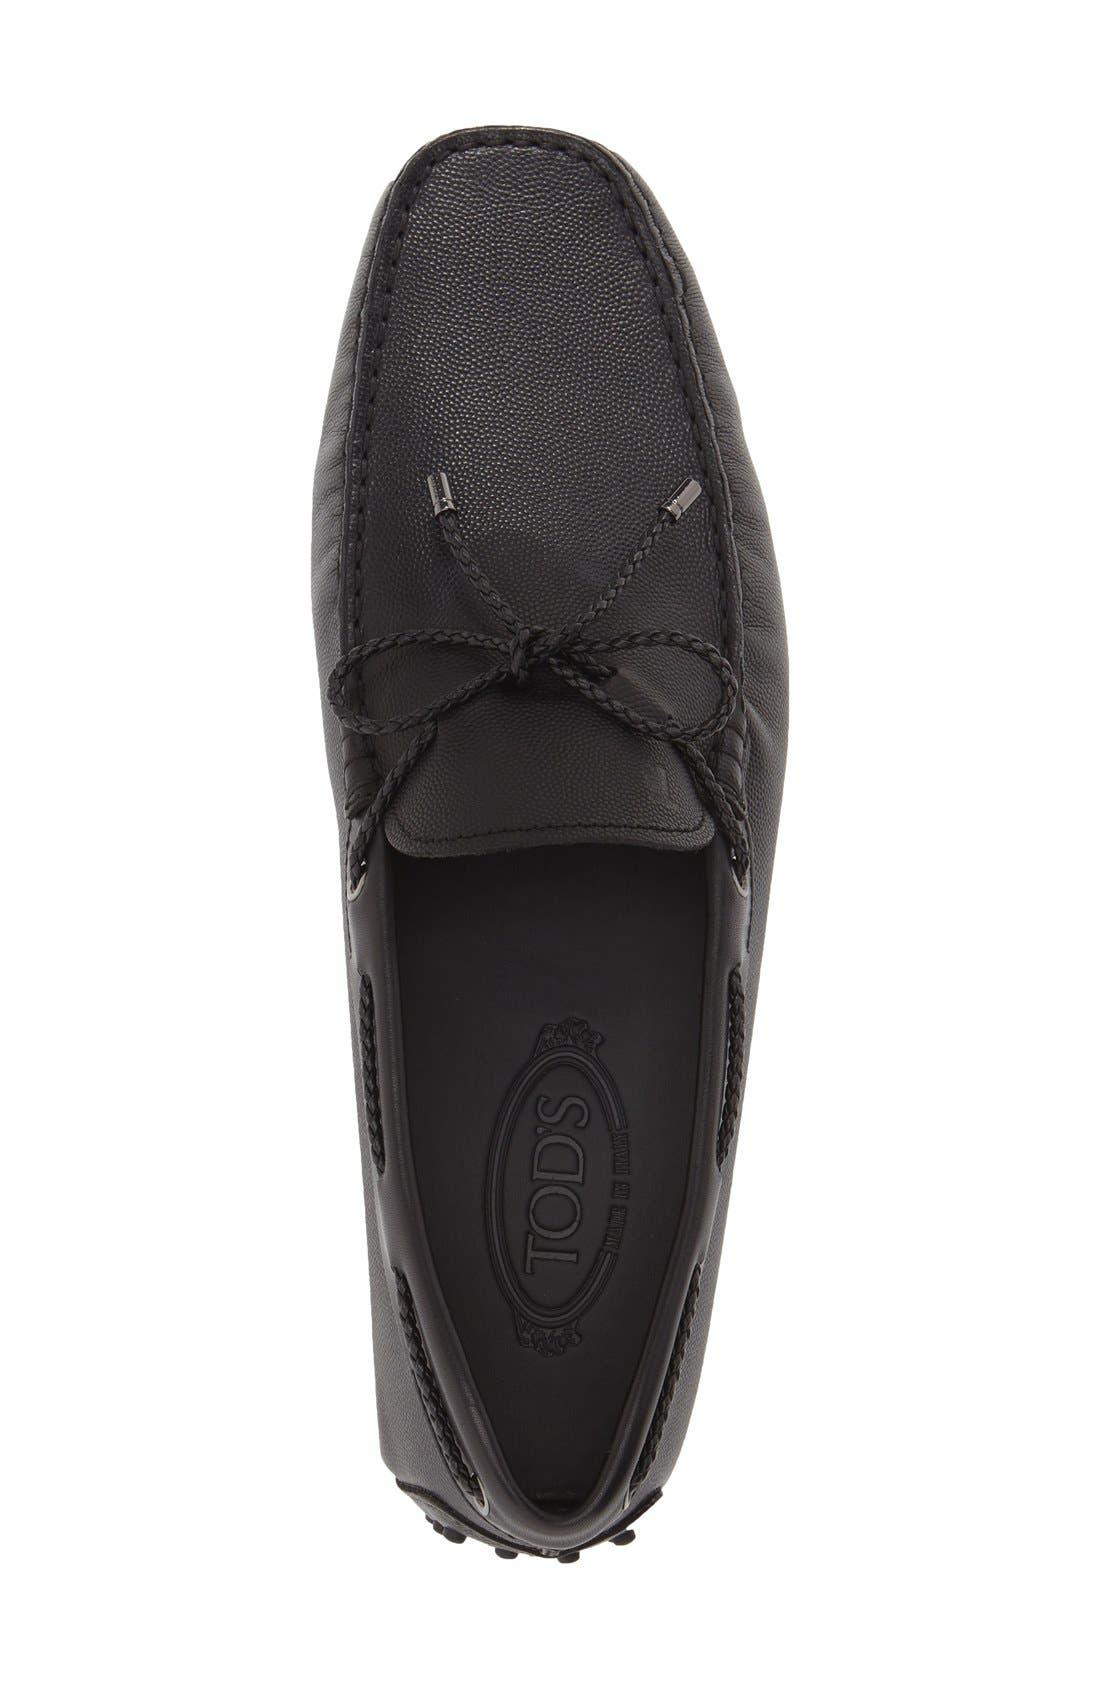 Alternate Image 3  - Tods Gommini Driving Shoe (Men)